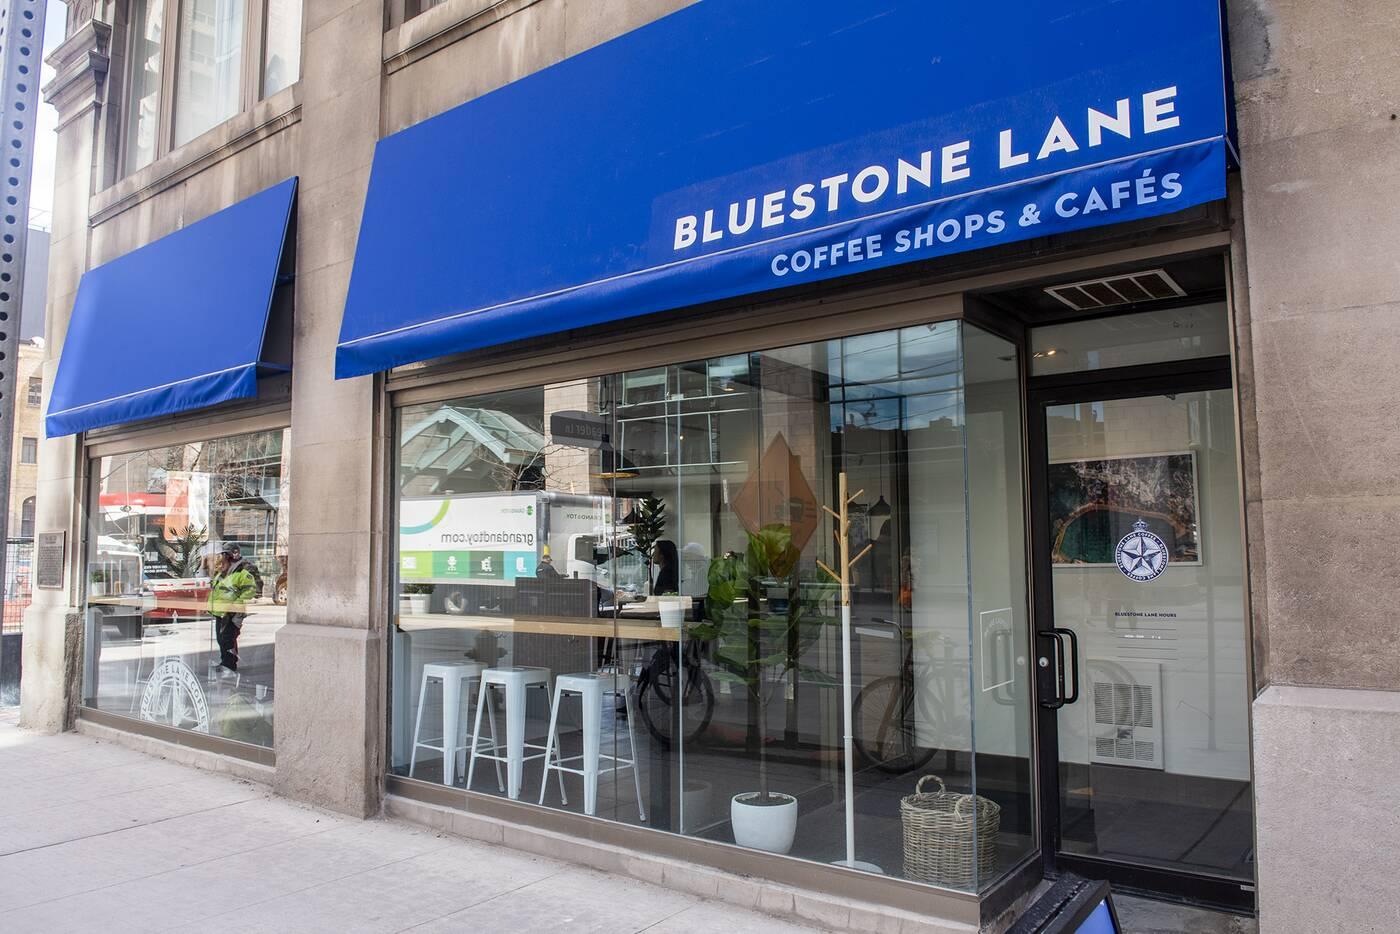 Bluestone Lane Toronto